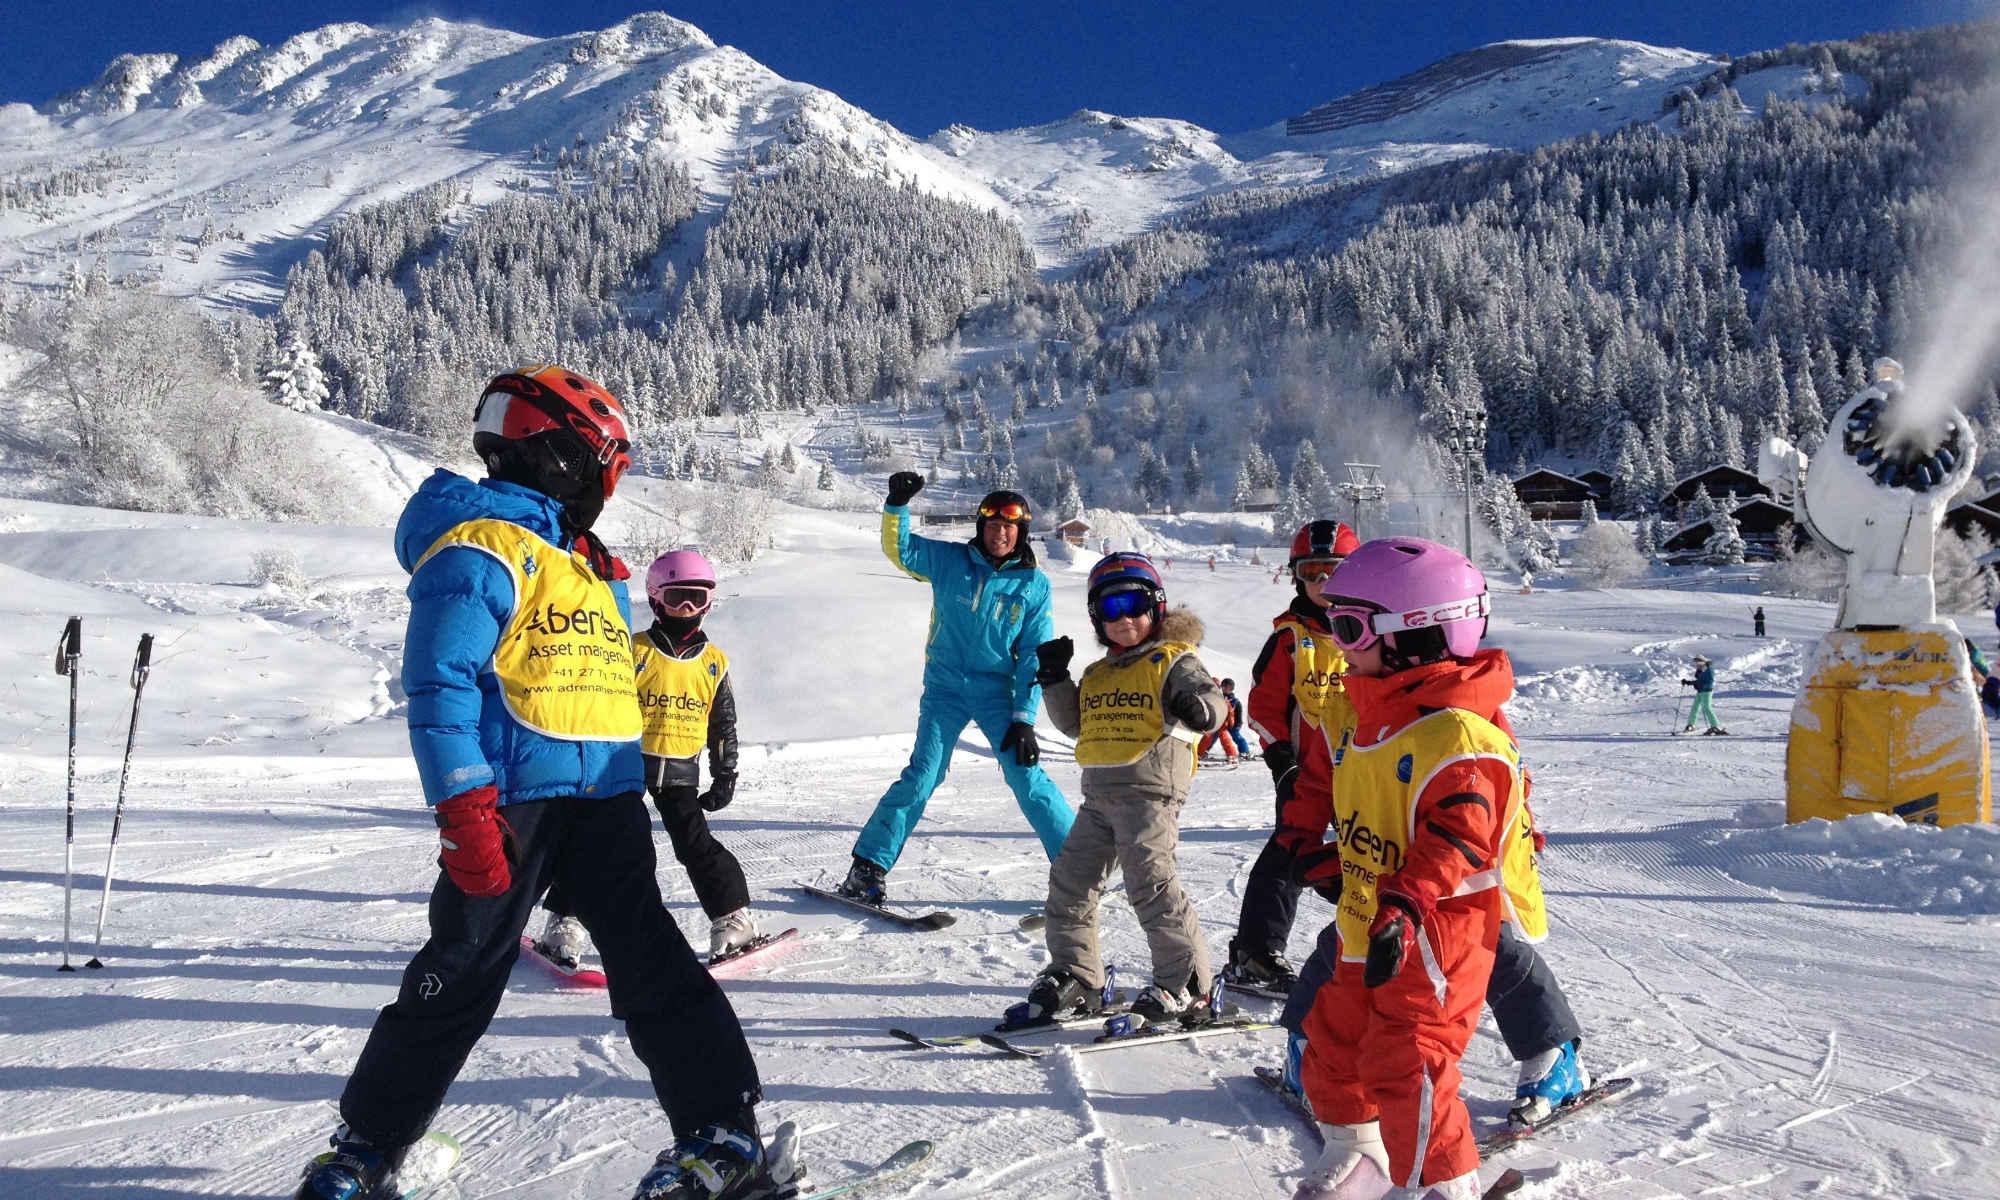 Ein Skilehrer gibt 6 Kindern Skiunterricht auf einer anfängerfreundlichen Piste im Skigebiet Verbier.